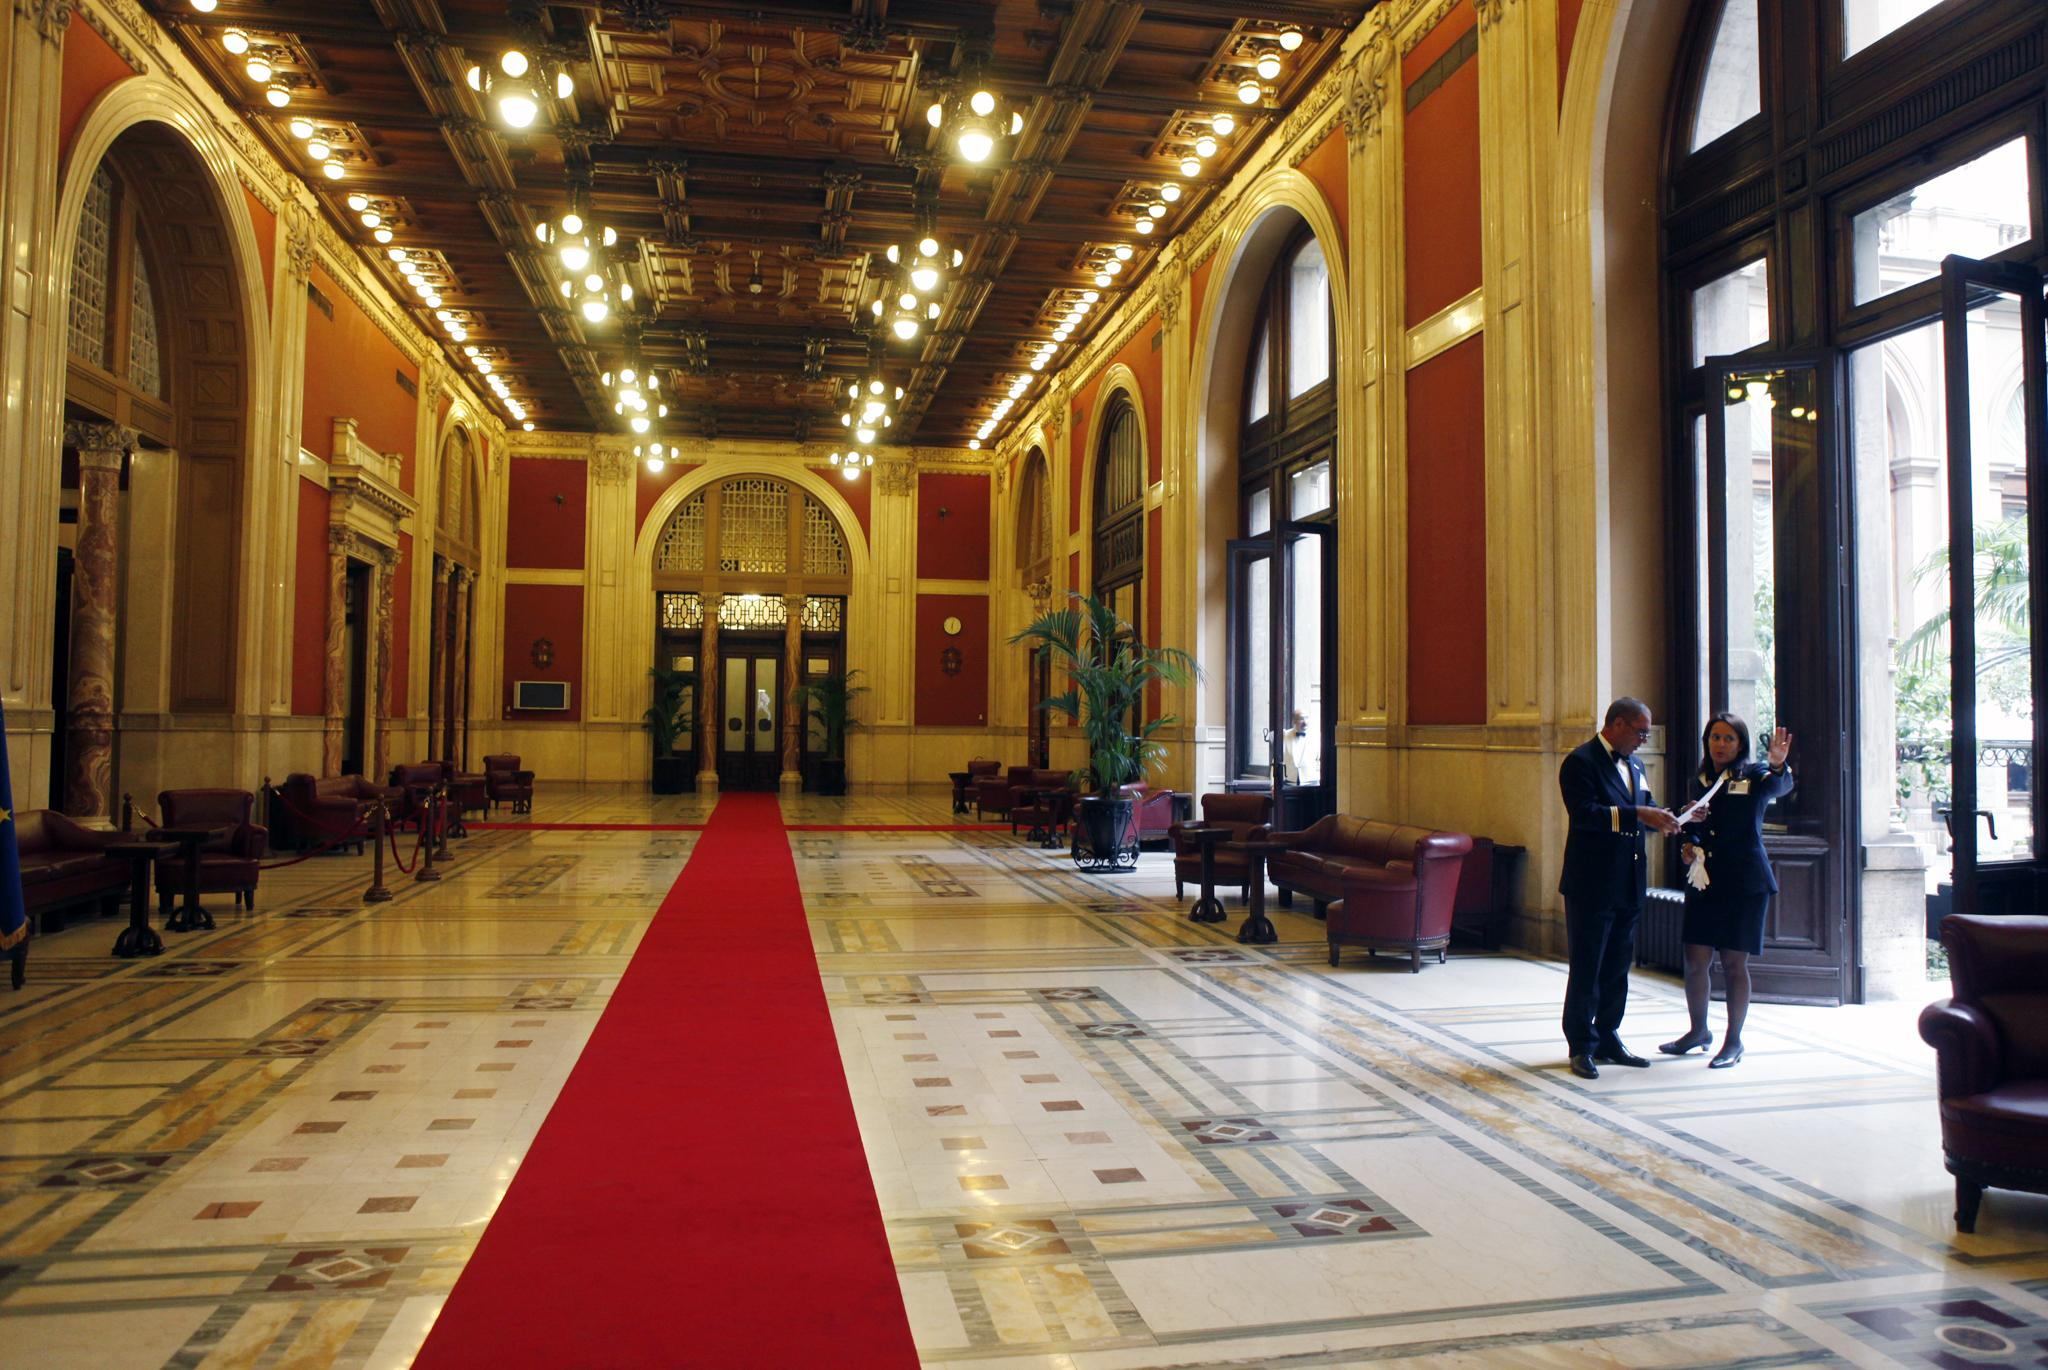 M5s chiude al centrodestra su romani salvini trattative for Parlamento montecitorio